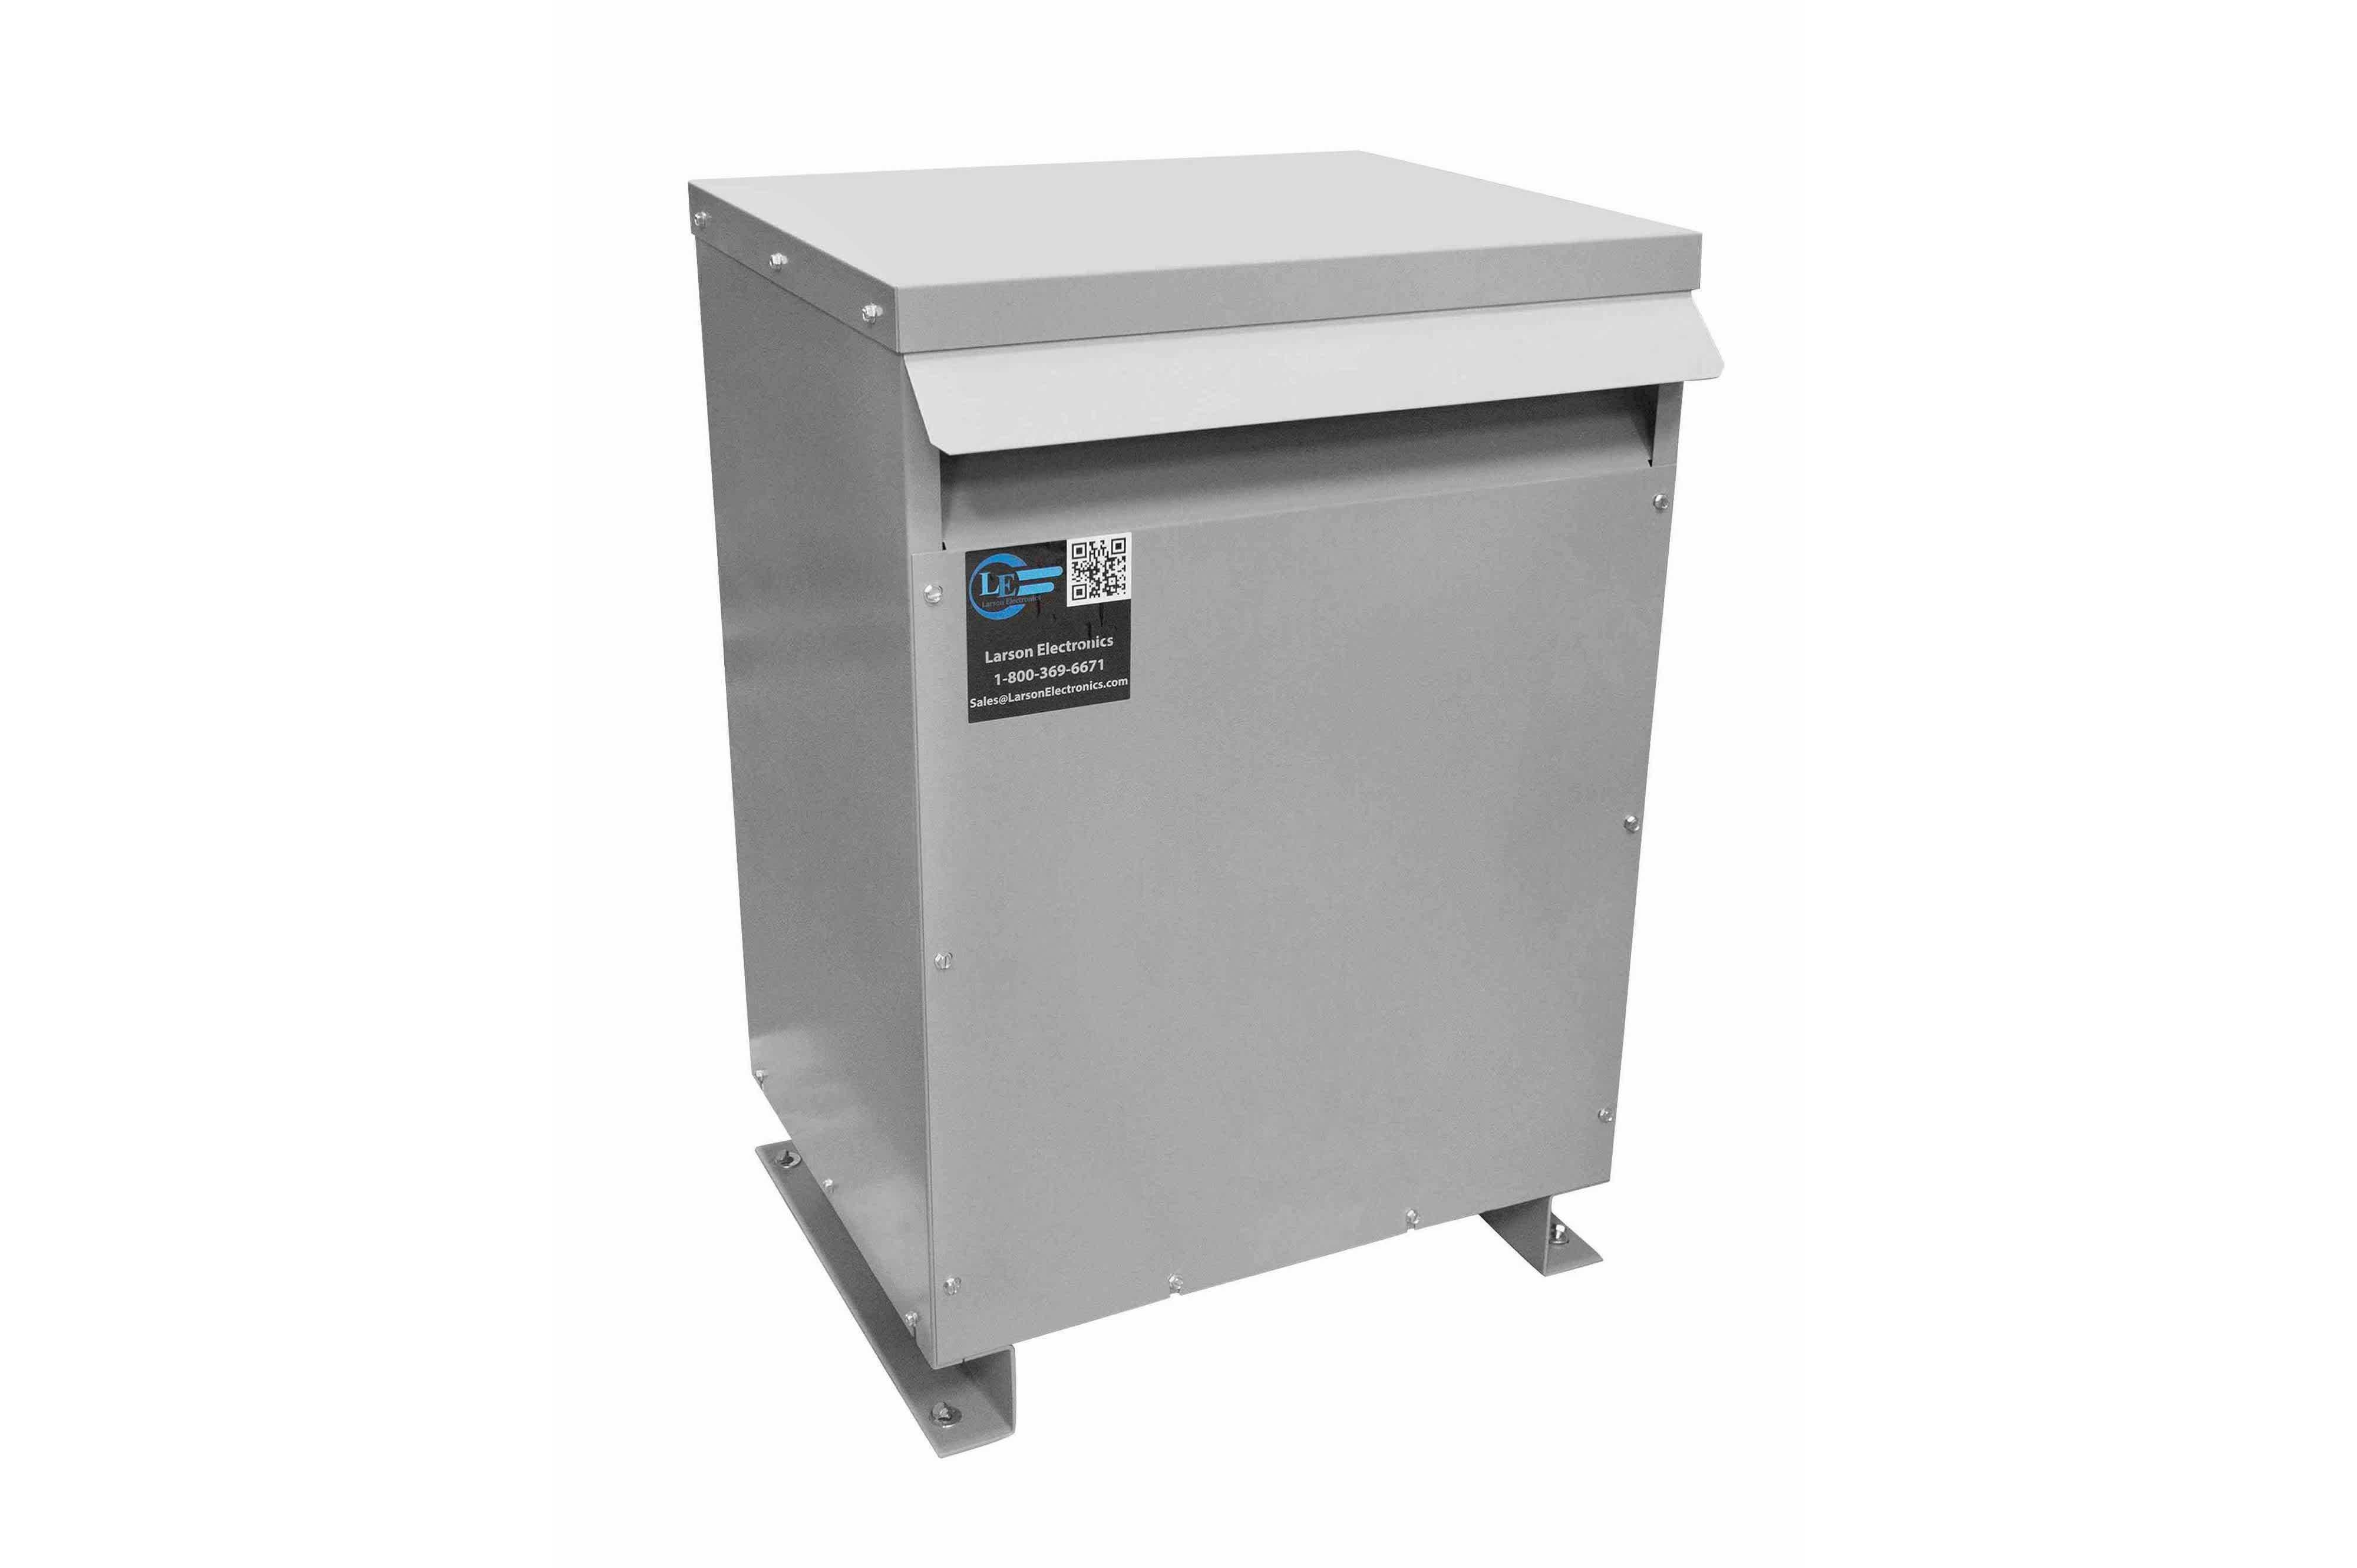 115 kVA 3PH Isolation Transformer, 400V Delta Primary, 240 Delta Secondary, N3R, Ventilated, 60 Hz